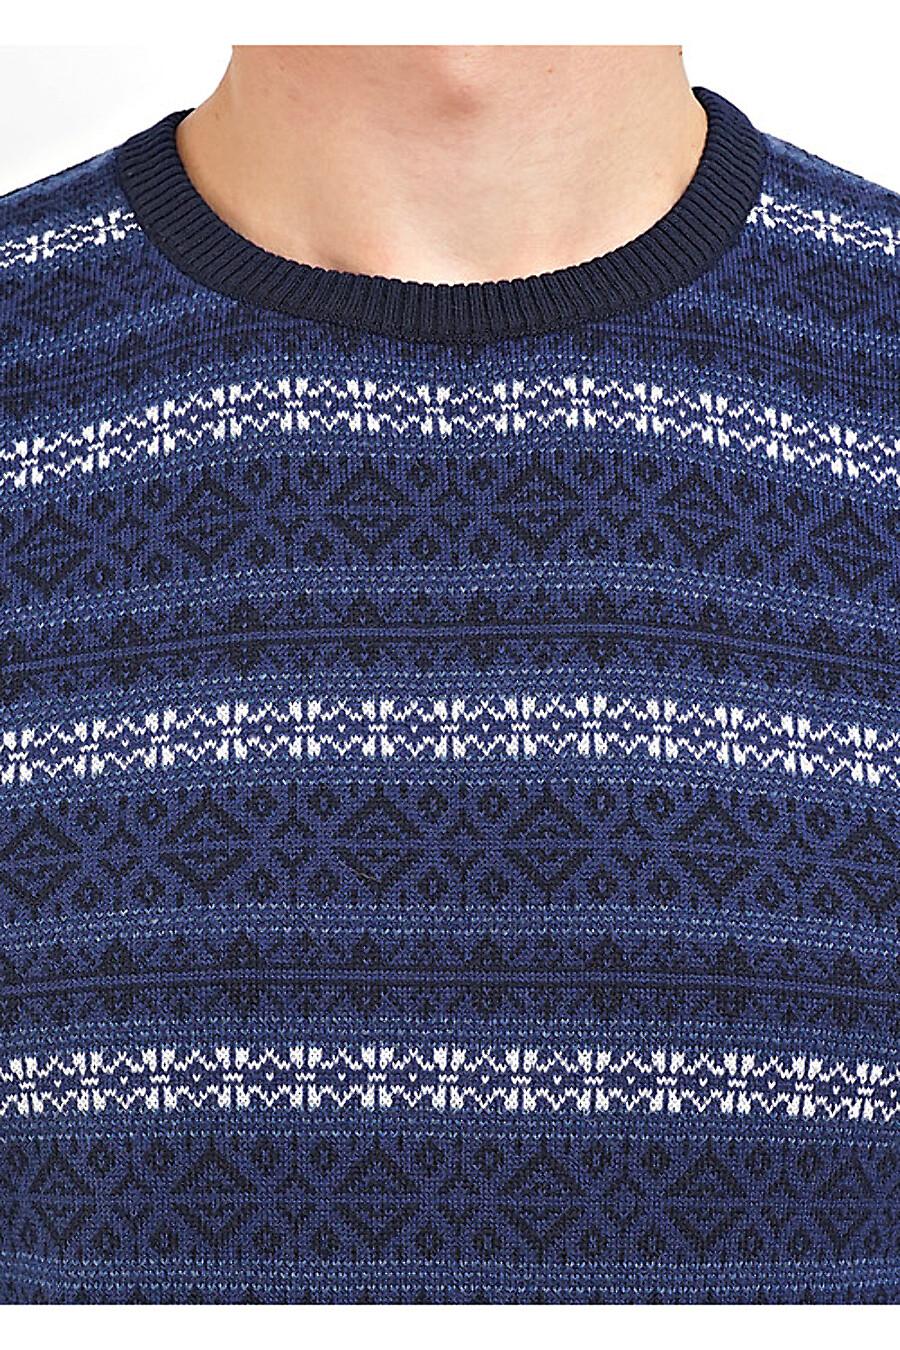 Джемпер для мужчин CLEVER 169302 купить оптом от производителя. Совместная покупка мужской одежды в OptMoyo